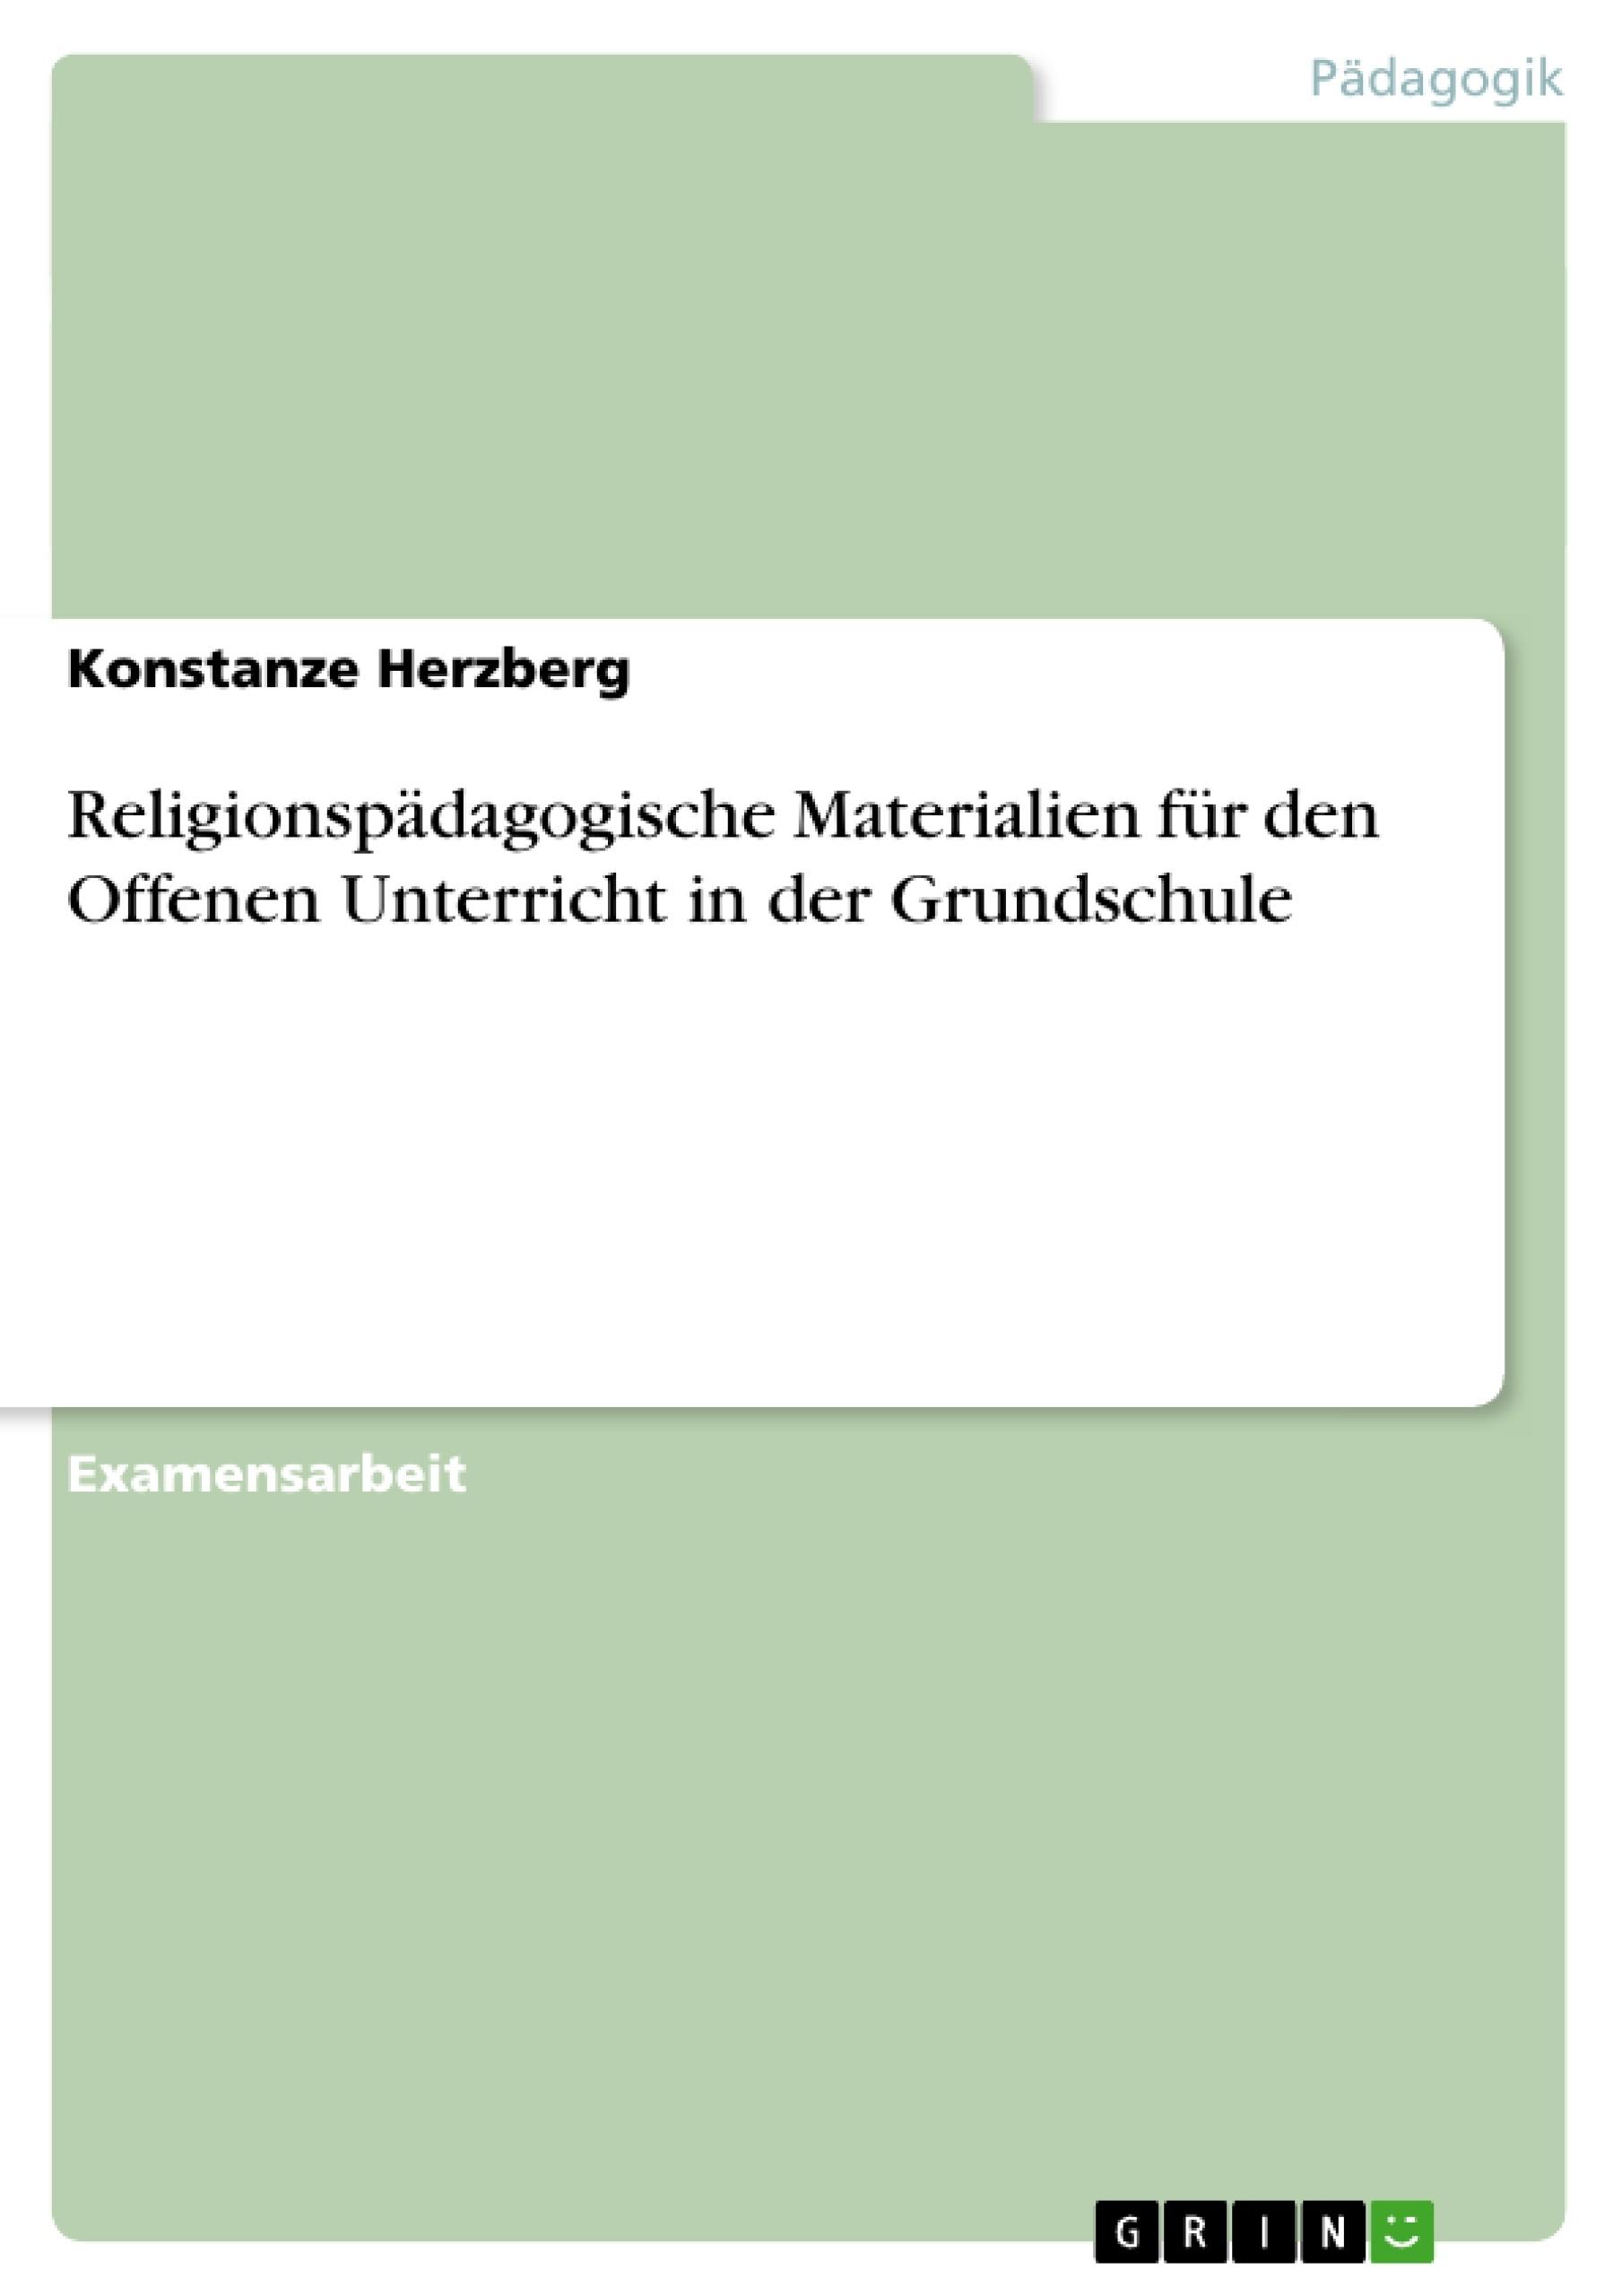 Titel: Religionspädagogische Materialien für den Offenen Unterricht in der Grundschule